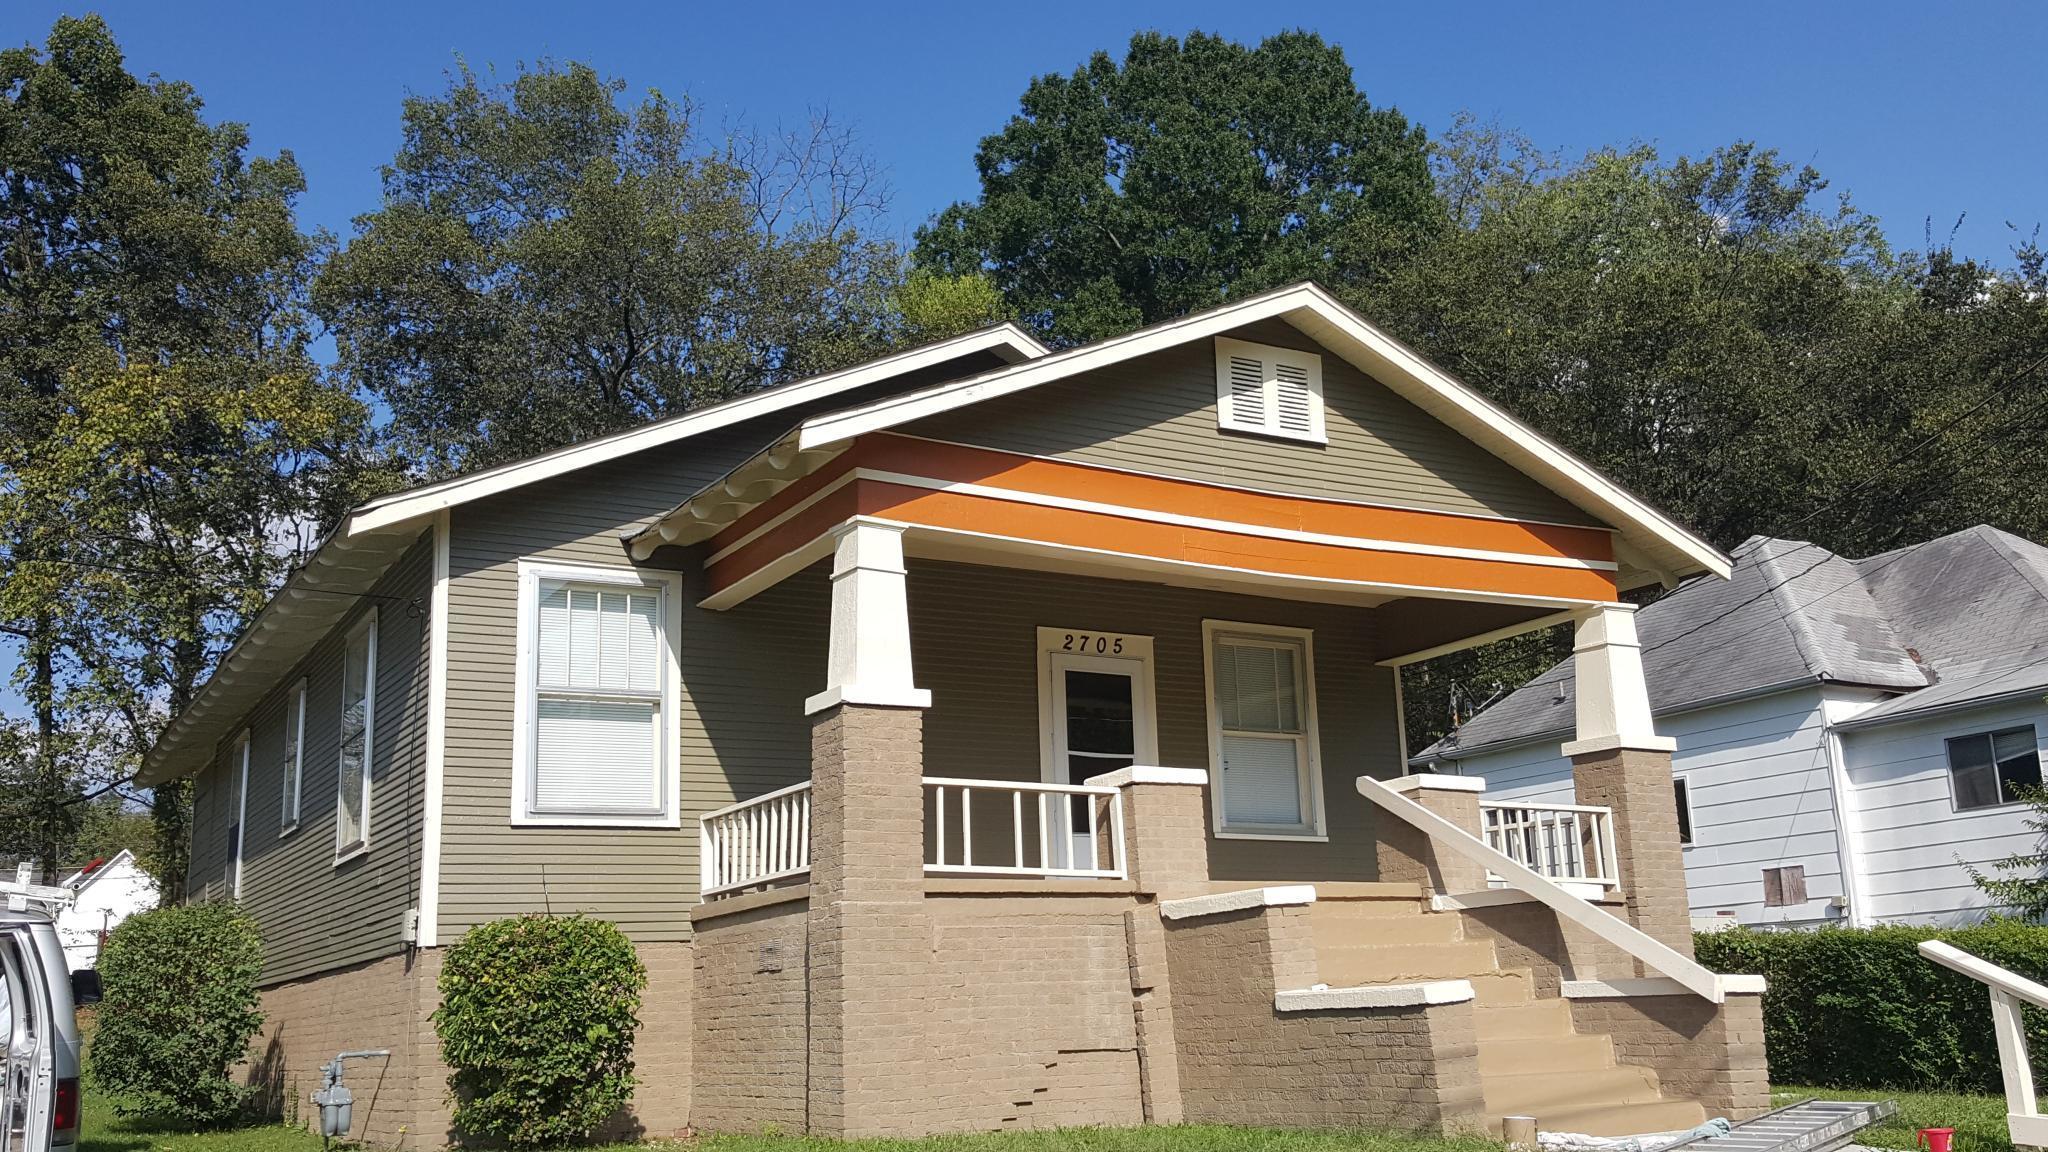 3 Bedroom Houses For Rent In Chattanooga Tn Homebase Wallpaper